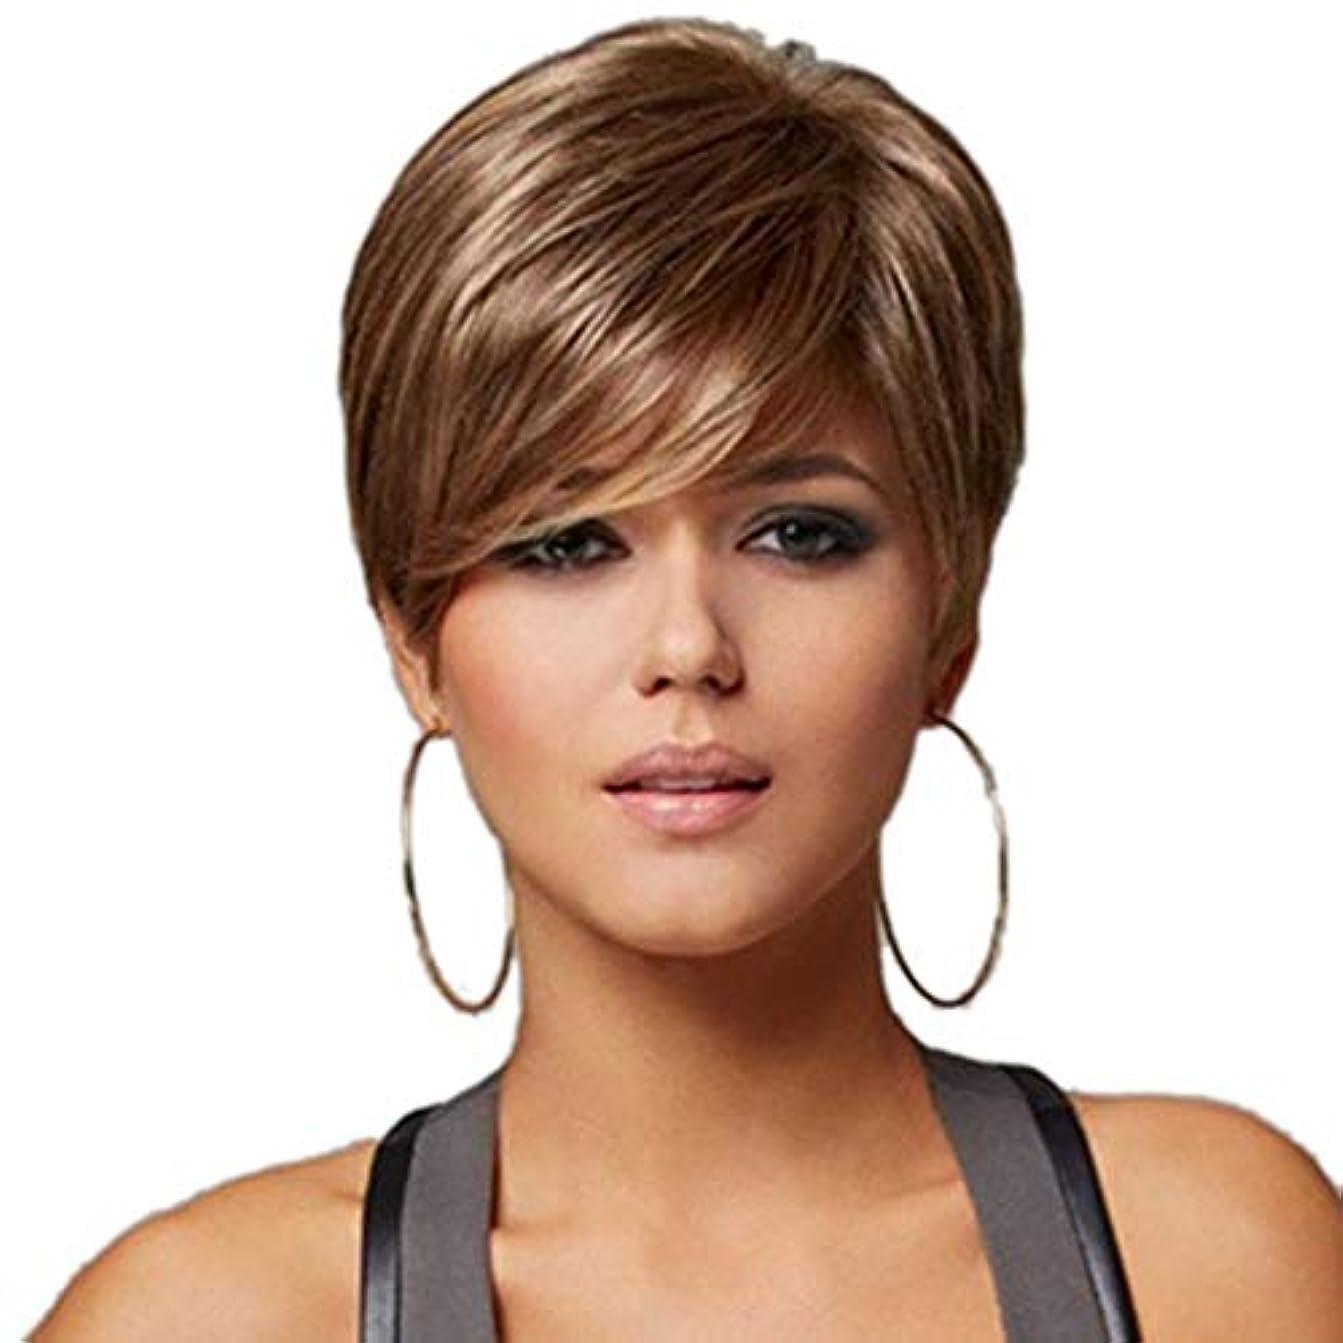 旋回国旗提供されたYOUQIU ファッション女性ブラウンショートナチュラルウェーブ人工毛かつら全頭かつらのかつら (色 : Blonde)